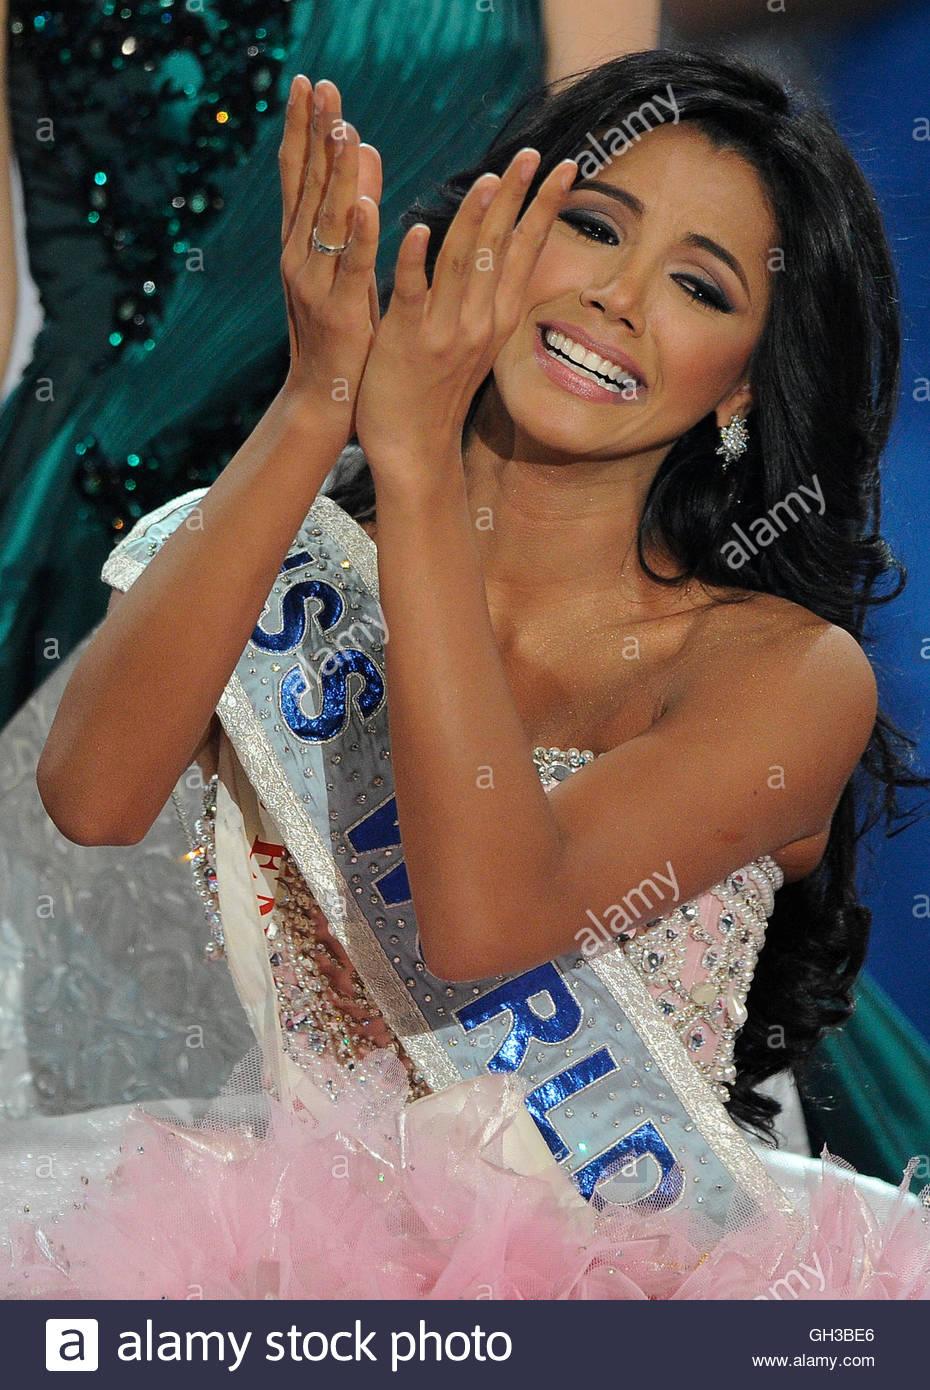 ivian sarcos, miss world 2011. - Página 5 Miss-v51